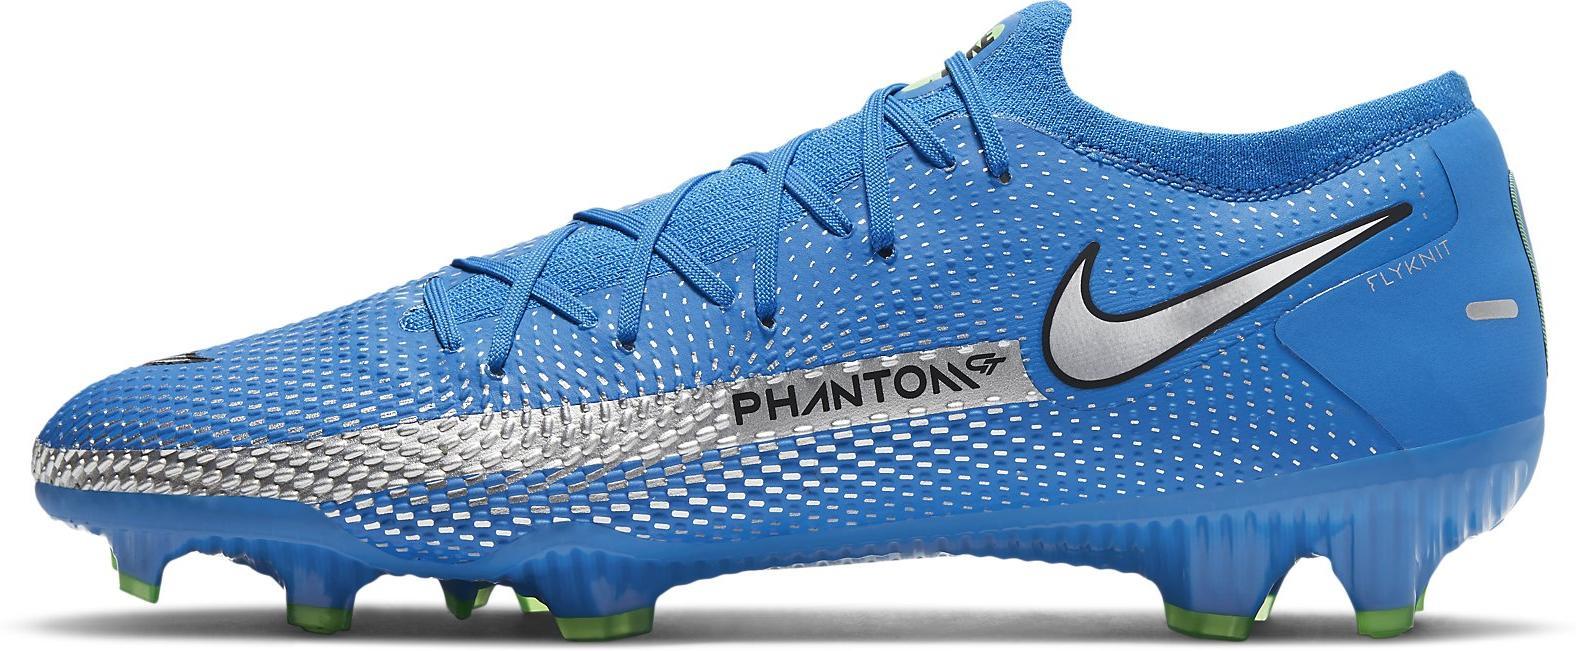 Kopačky Nike PHANTOM GT PRO FG modrá